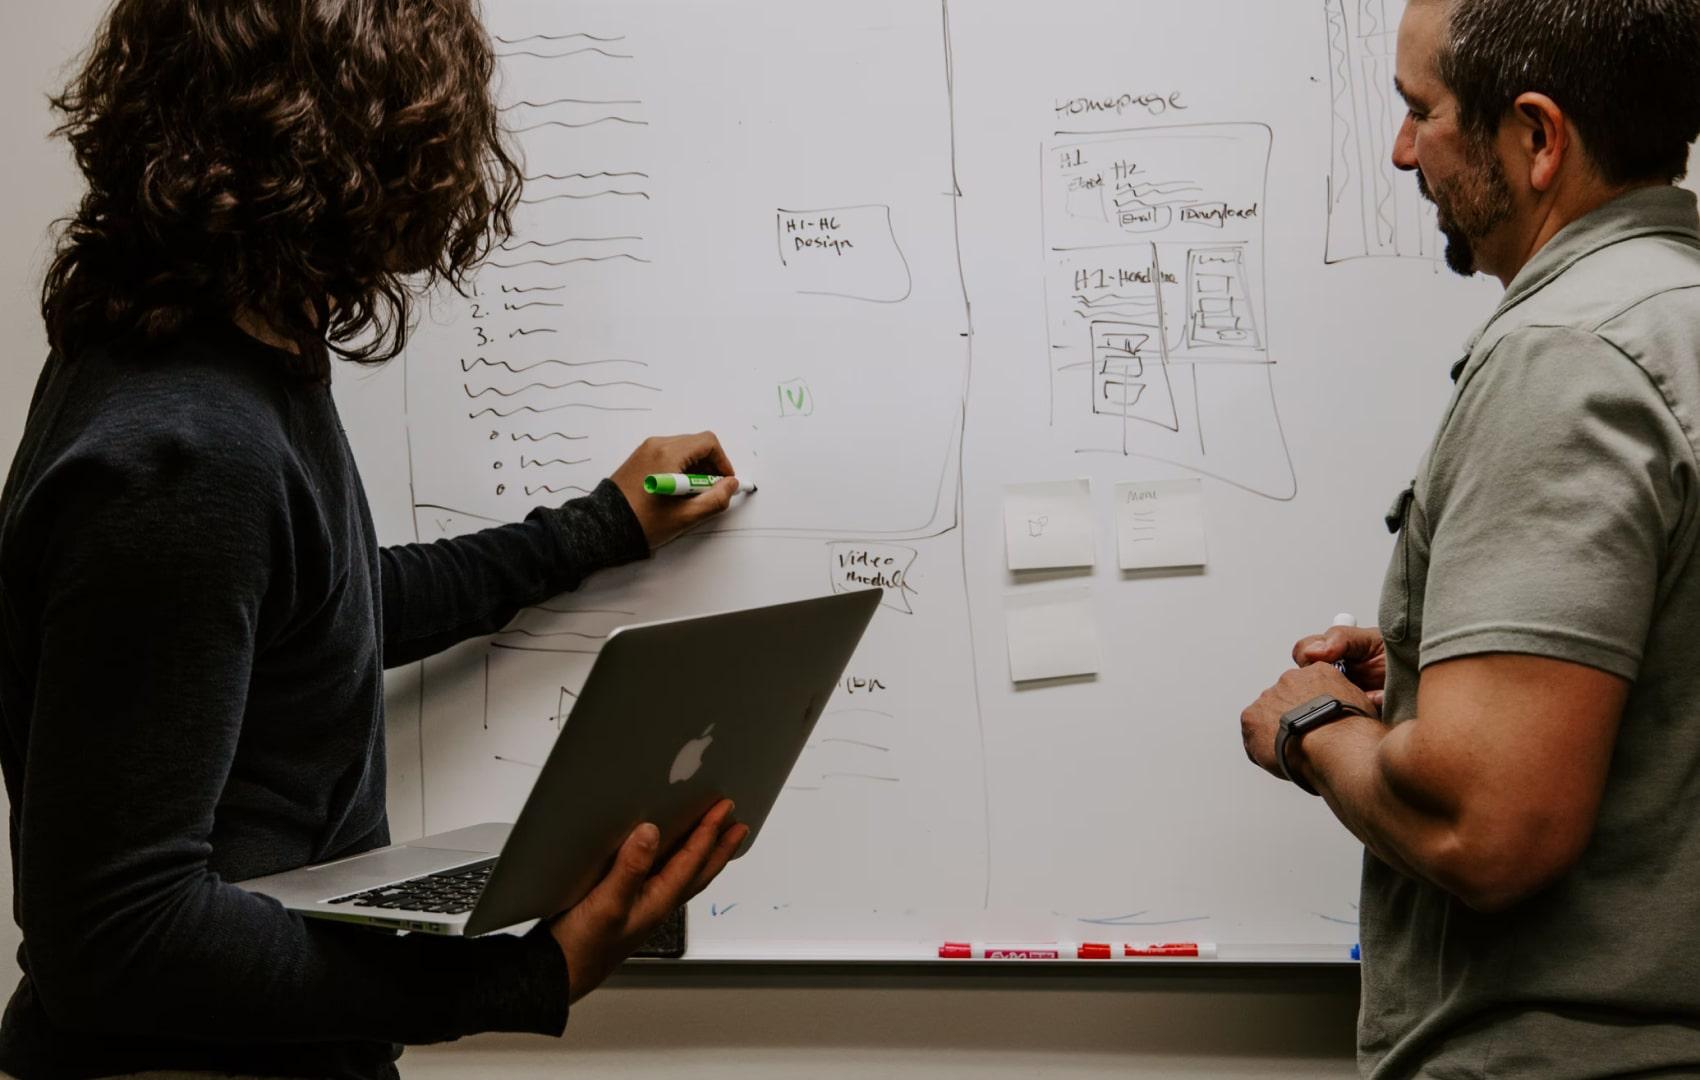 How to Build an API Platform Team